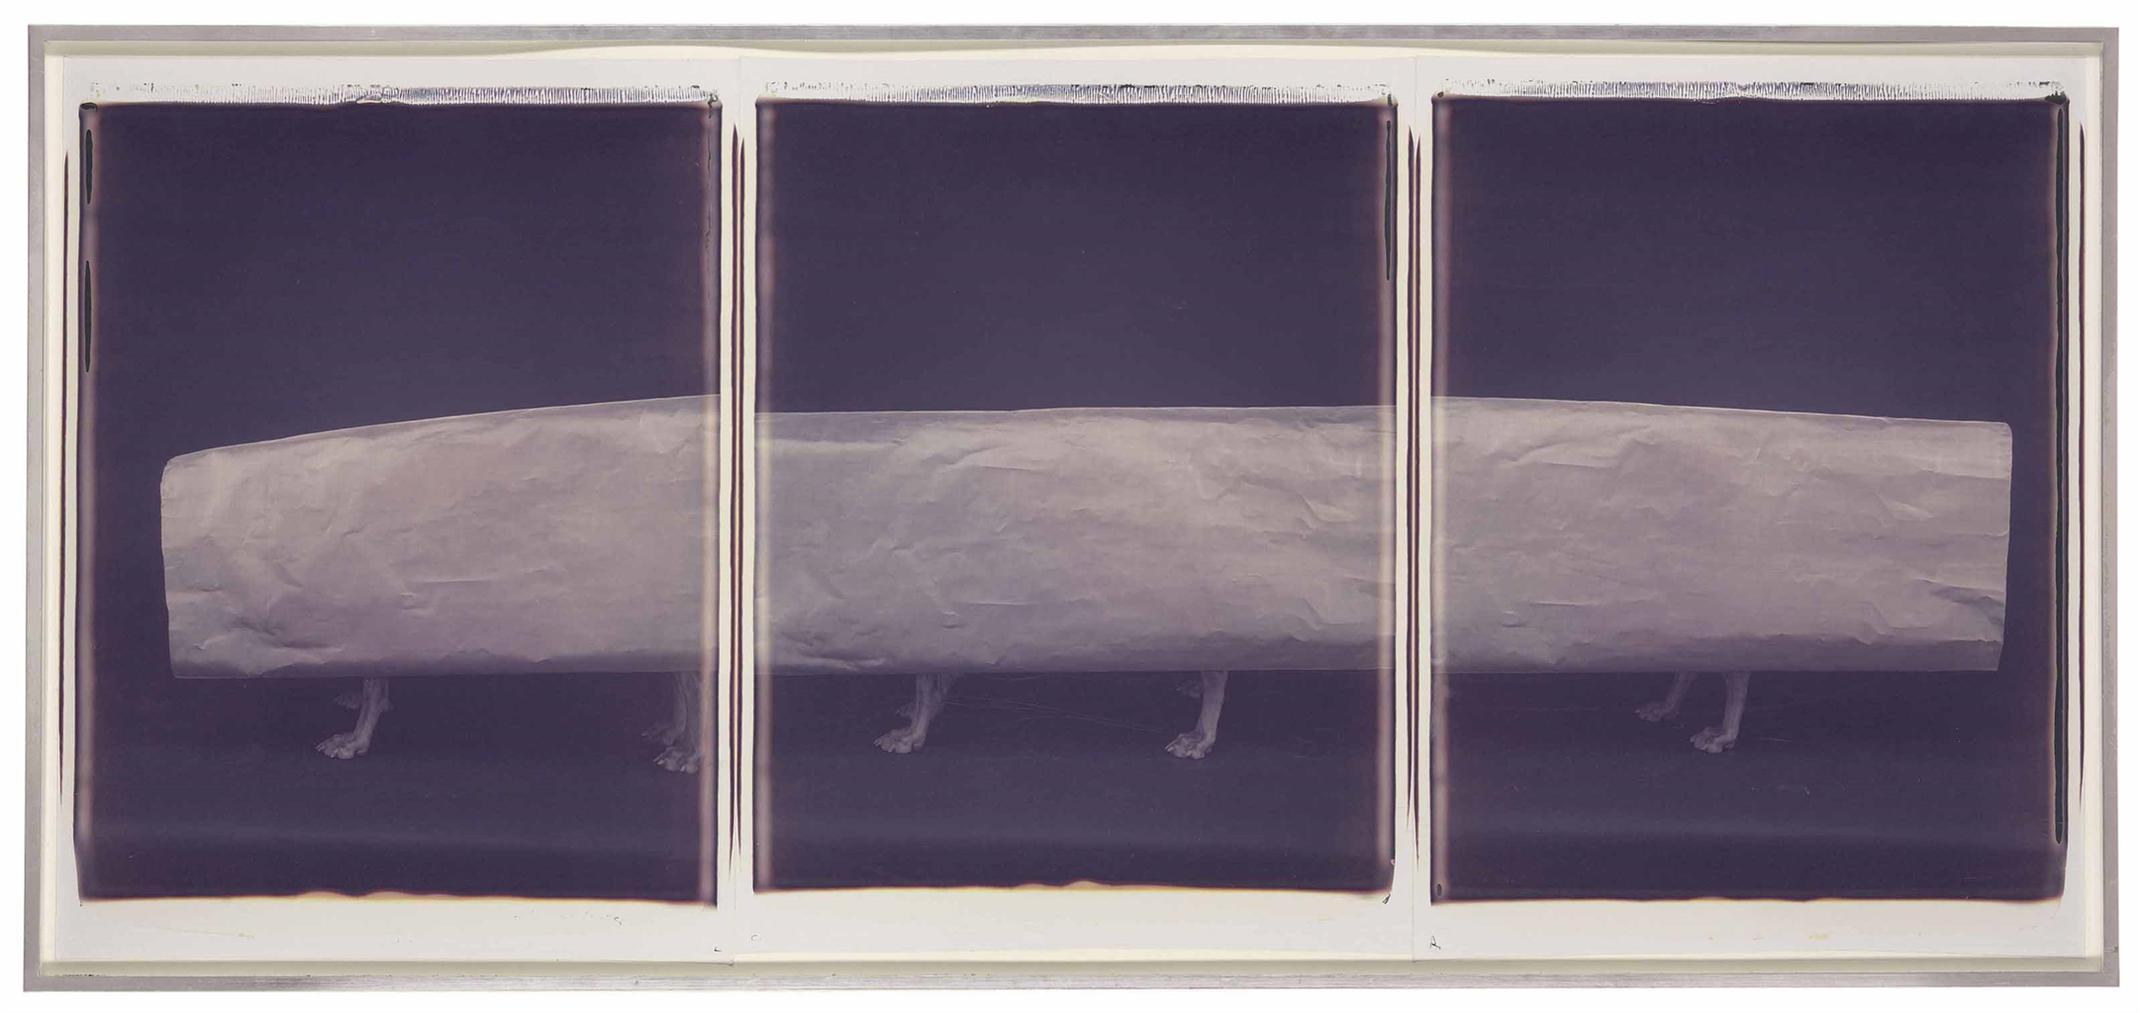 William Wegman-Pipeline-1989